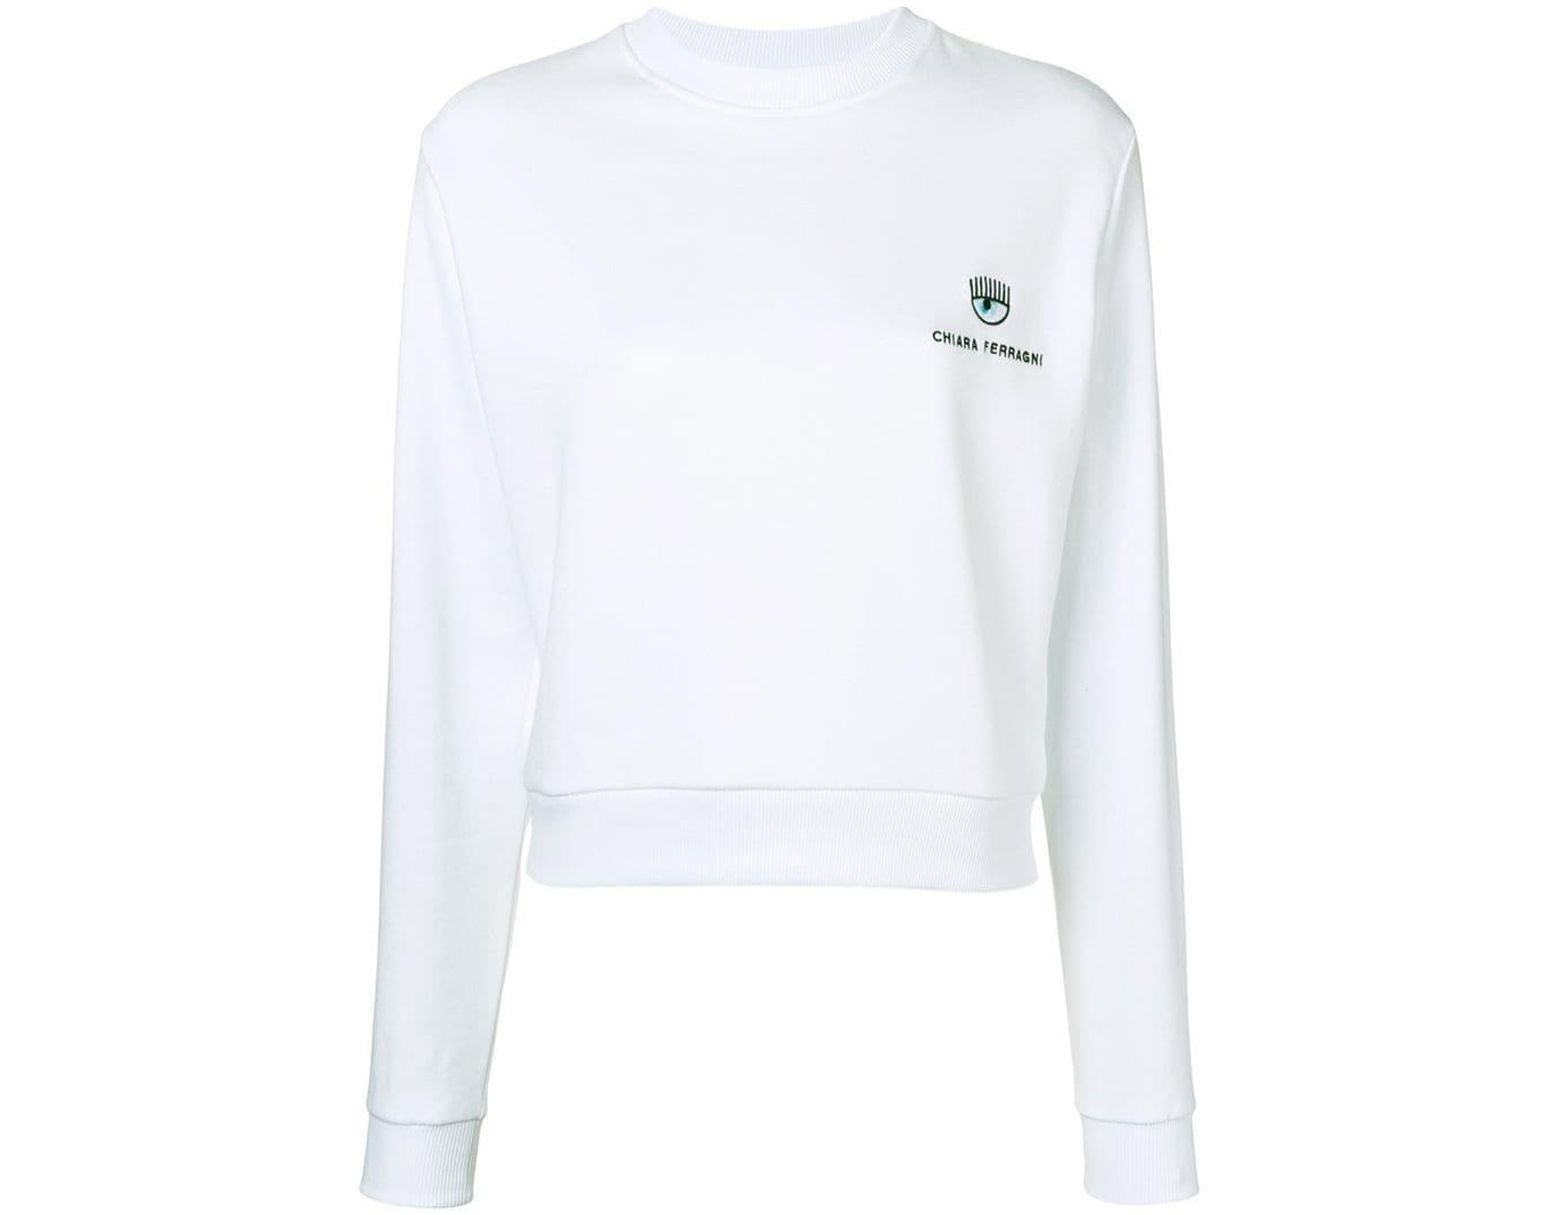 ba476643c Chiara Ferragni Logo Jersey Sweater in White - Lyst